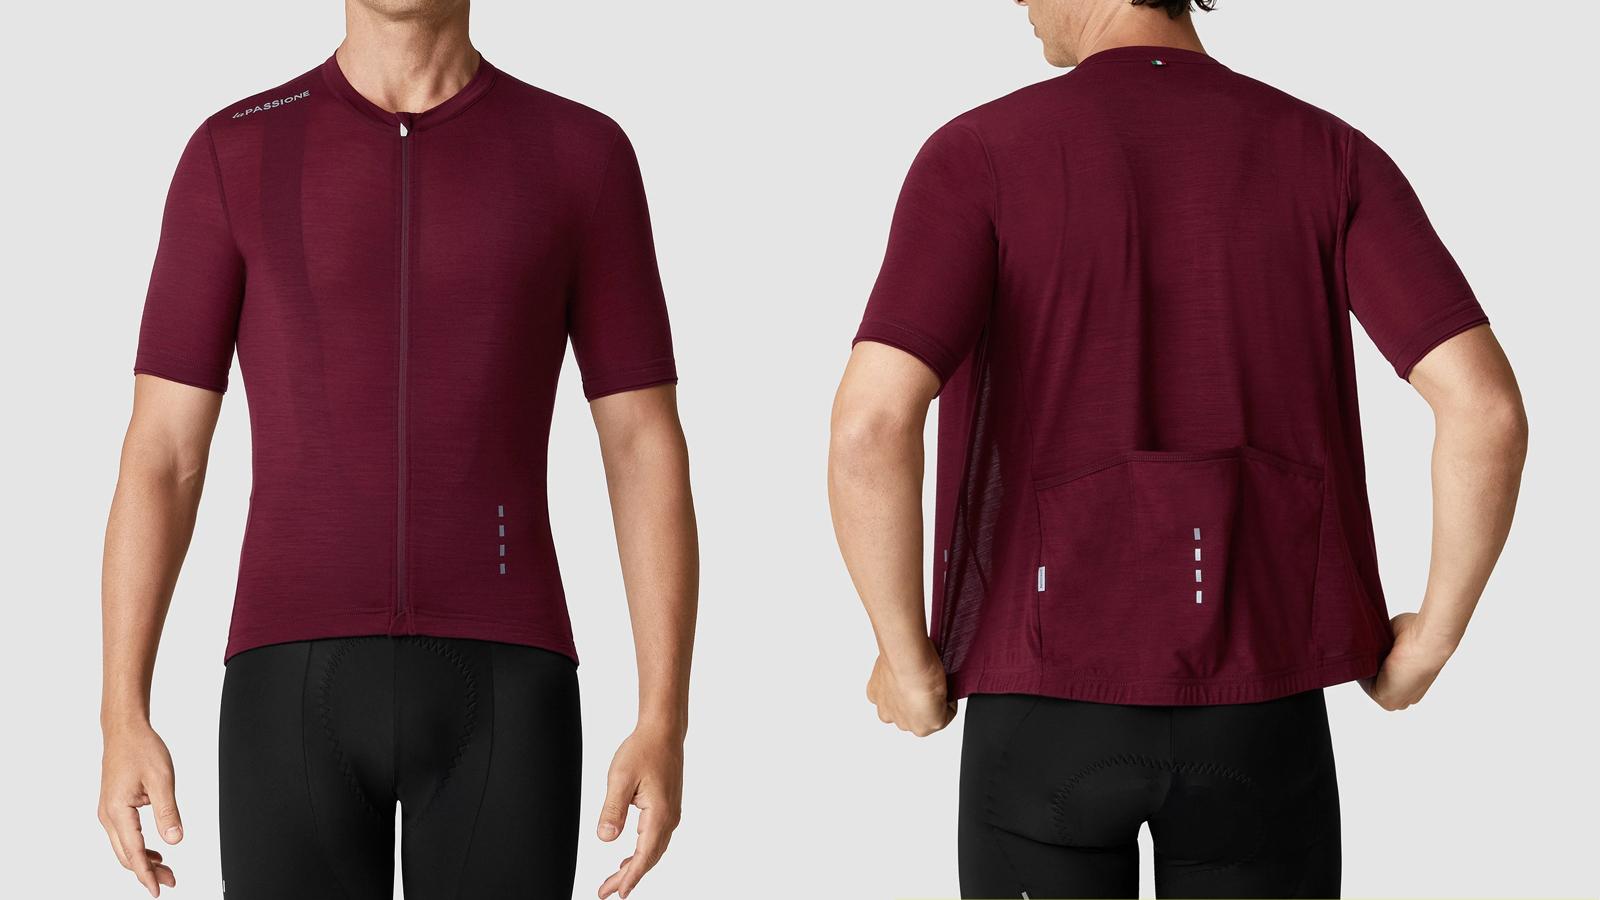 La Passione Merino jersey